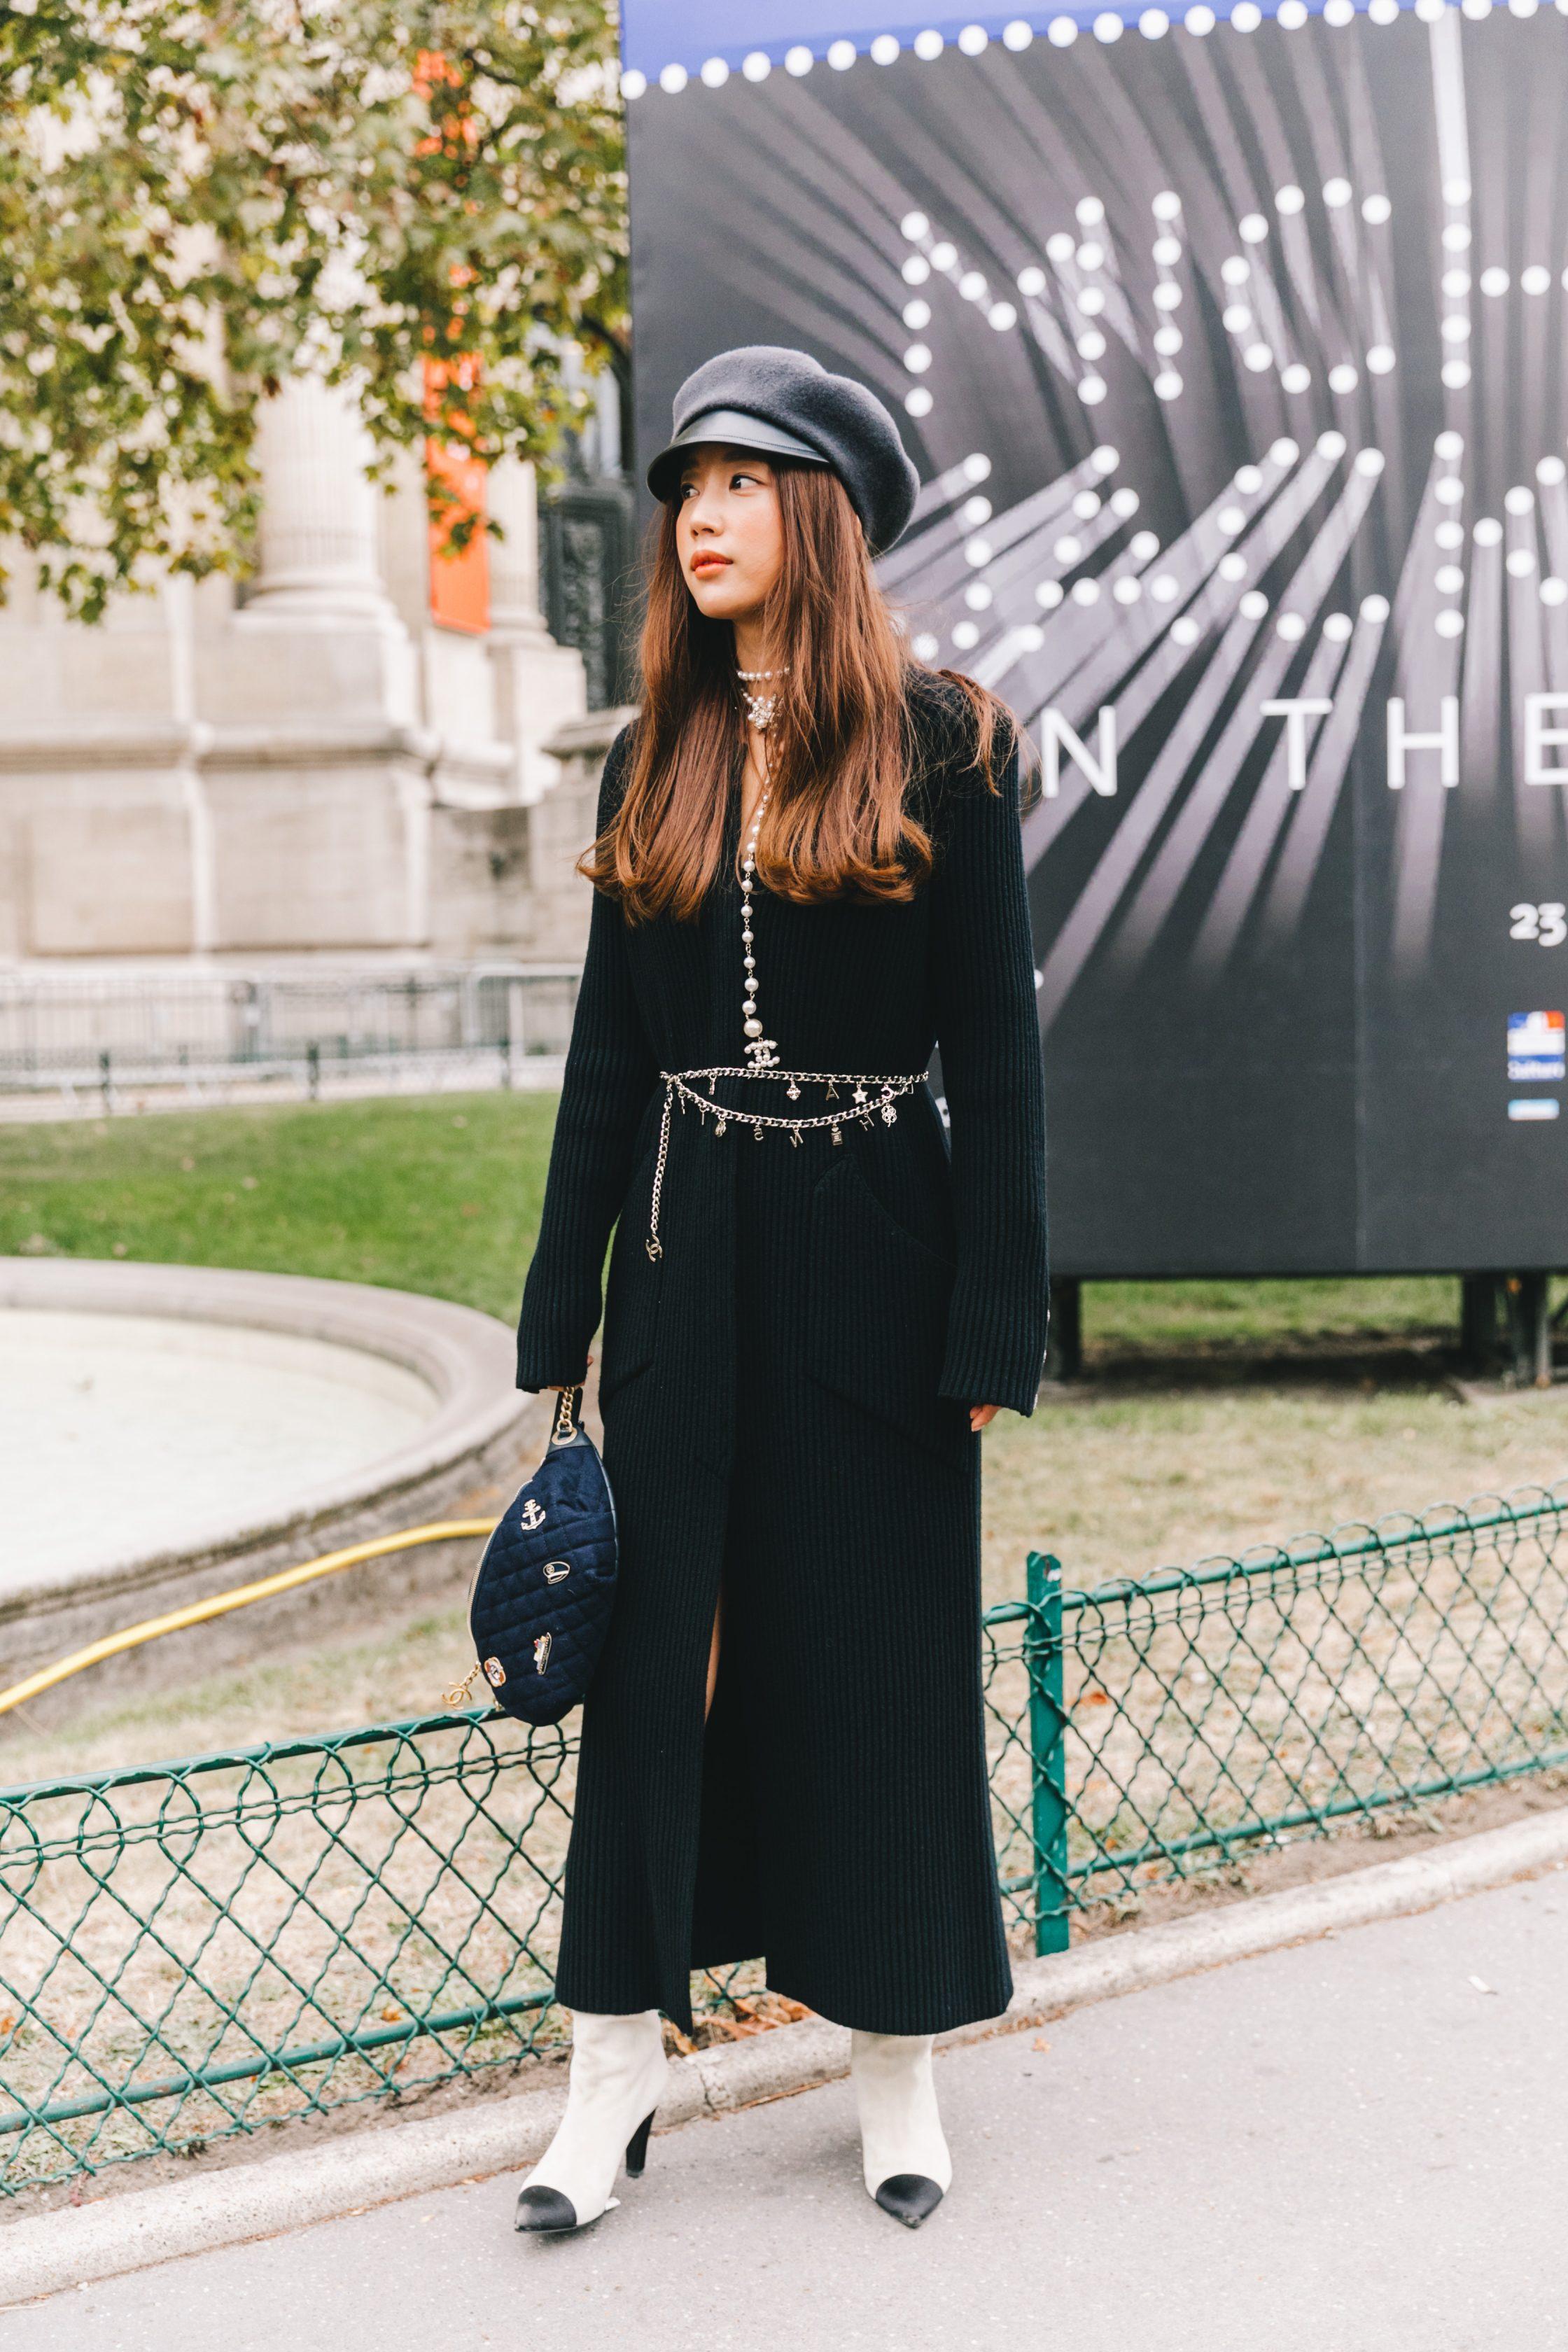 Phụ kiện thời trang cung xử nữ - Cô gái mặc jumpsuit đen đeo thắt lưng xích